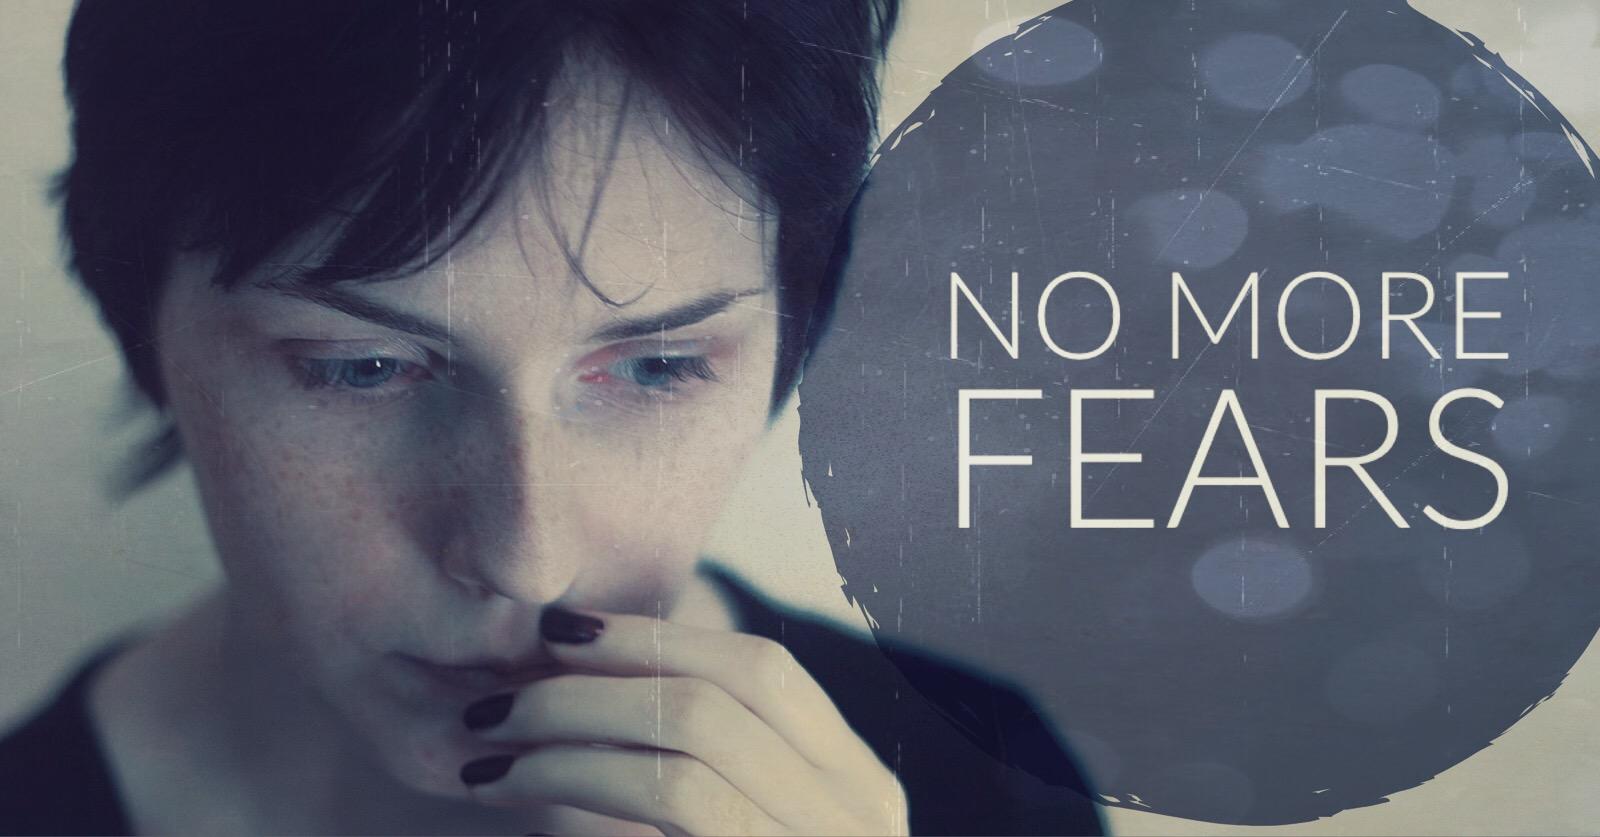 恐怖心が大きいとやりたいことが見えなくなる話